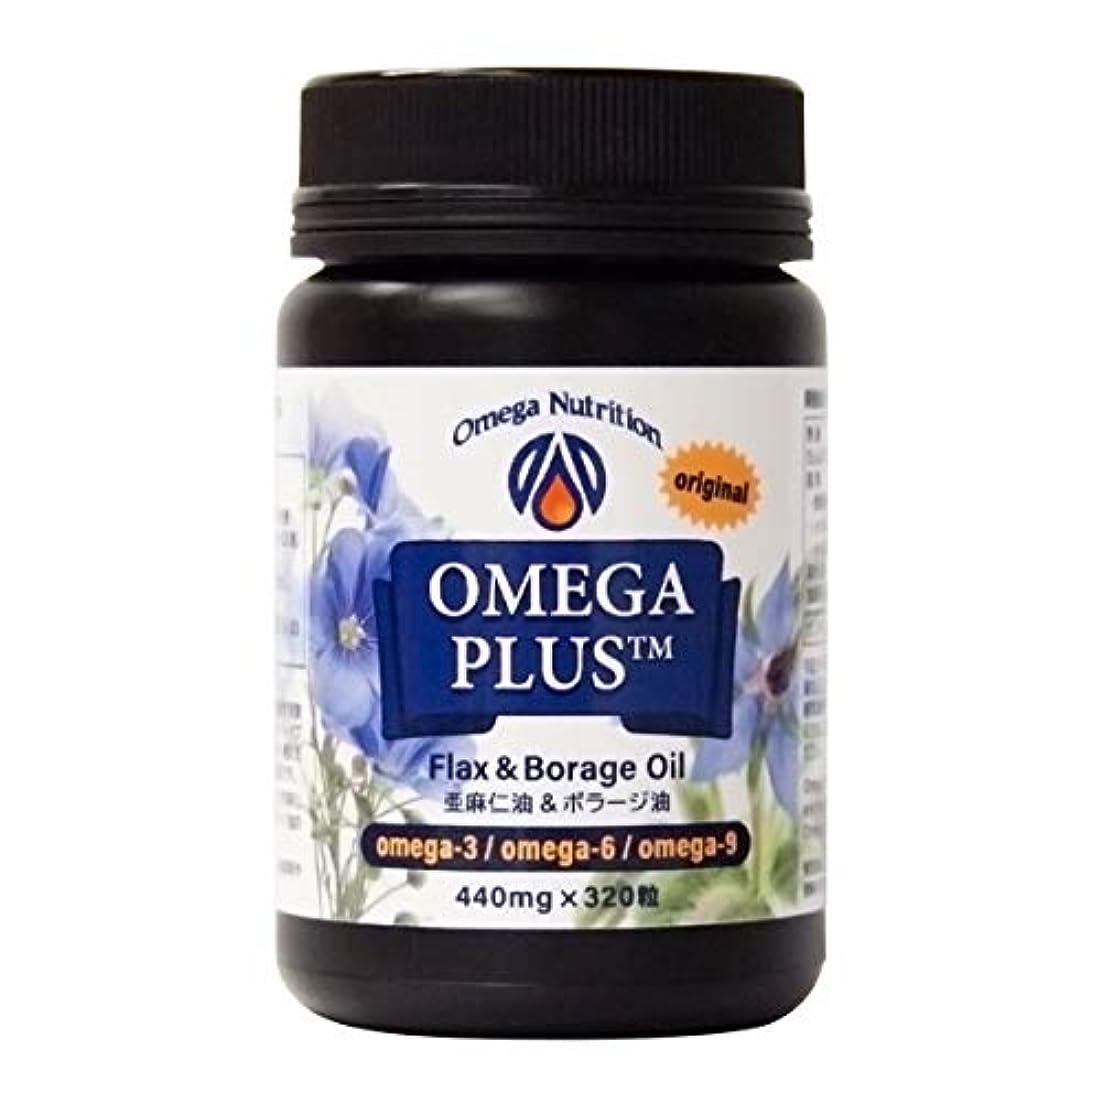 元に戻す操作可能卵オメガ3 & ガンマリノレン酸含有サプリメント オメガプラス440mg カプセル (320粒)